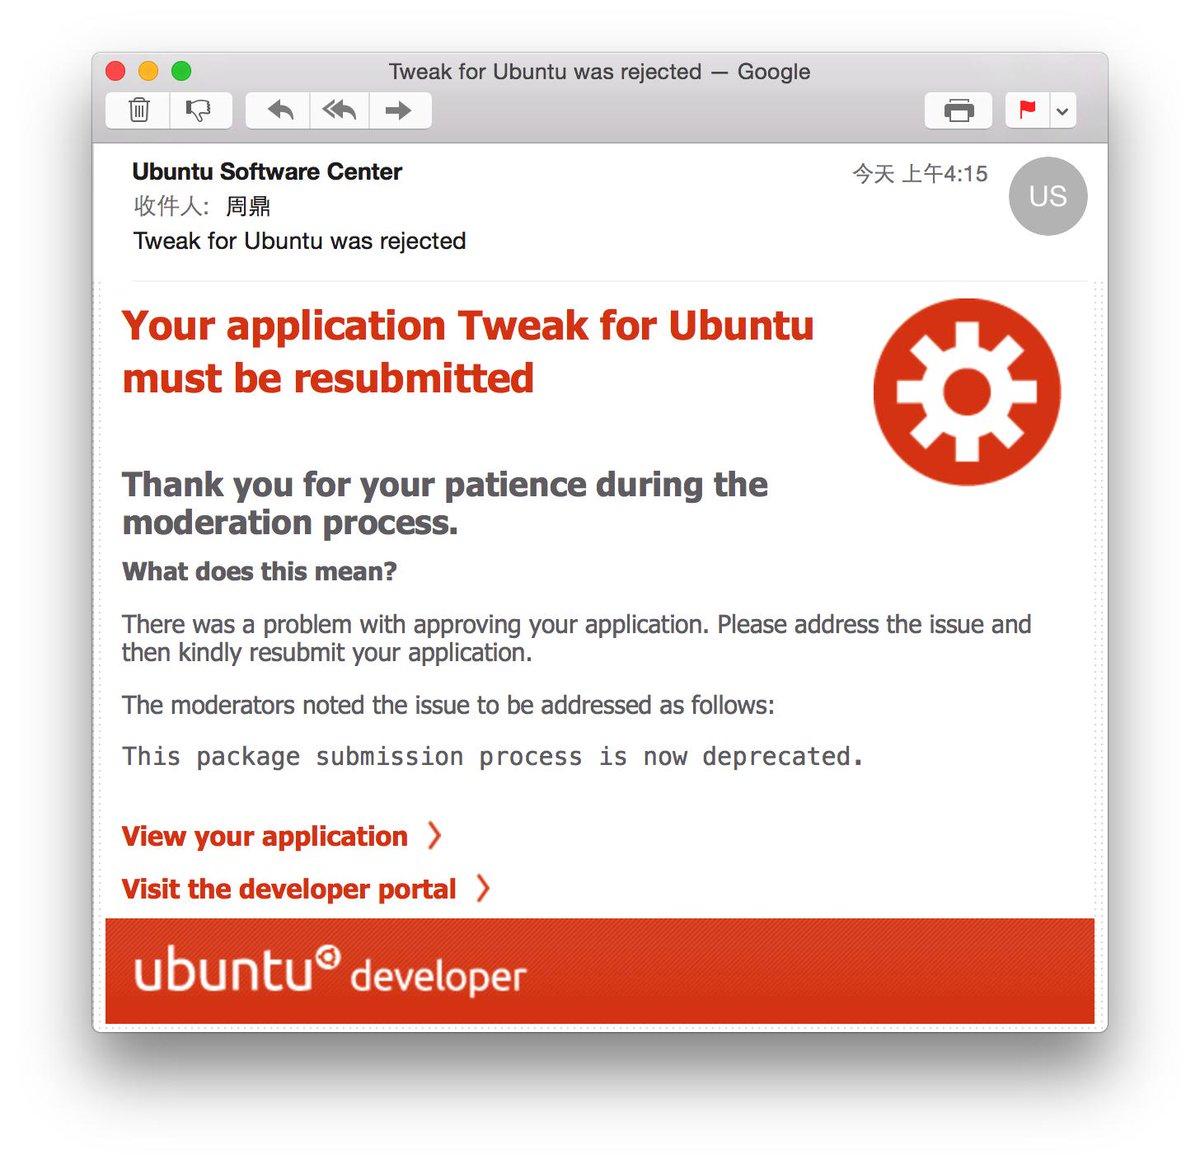 插播一则新闻:我的第一个桌面软件,Ubuntu Tweak,更名为「Tweak for Ubuntu」并于2012年5月25日提交至 Ubuntu Software Center 审核。三年后,我终于等来了结果,被 Reject 了… http://t.co/mAvKqujhFu